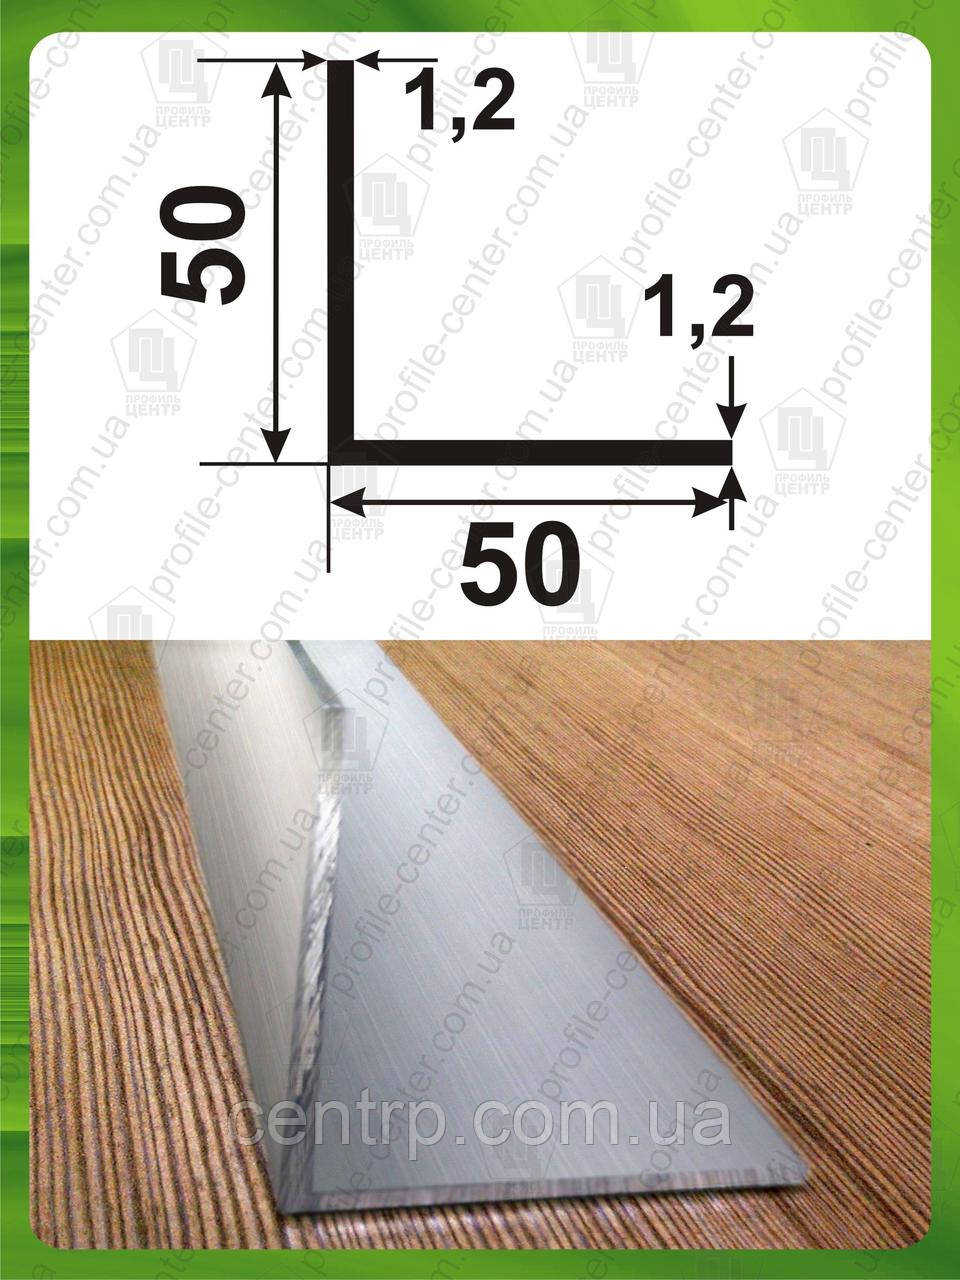 Уголок алюминиевый равнополочный (равносторонний) 50*50*1,2